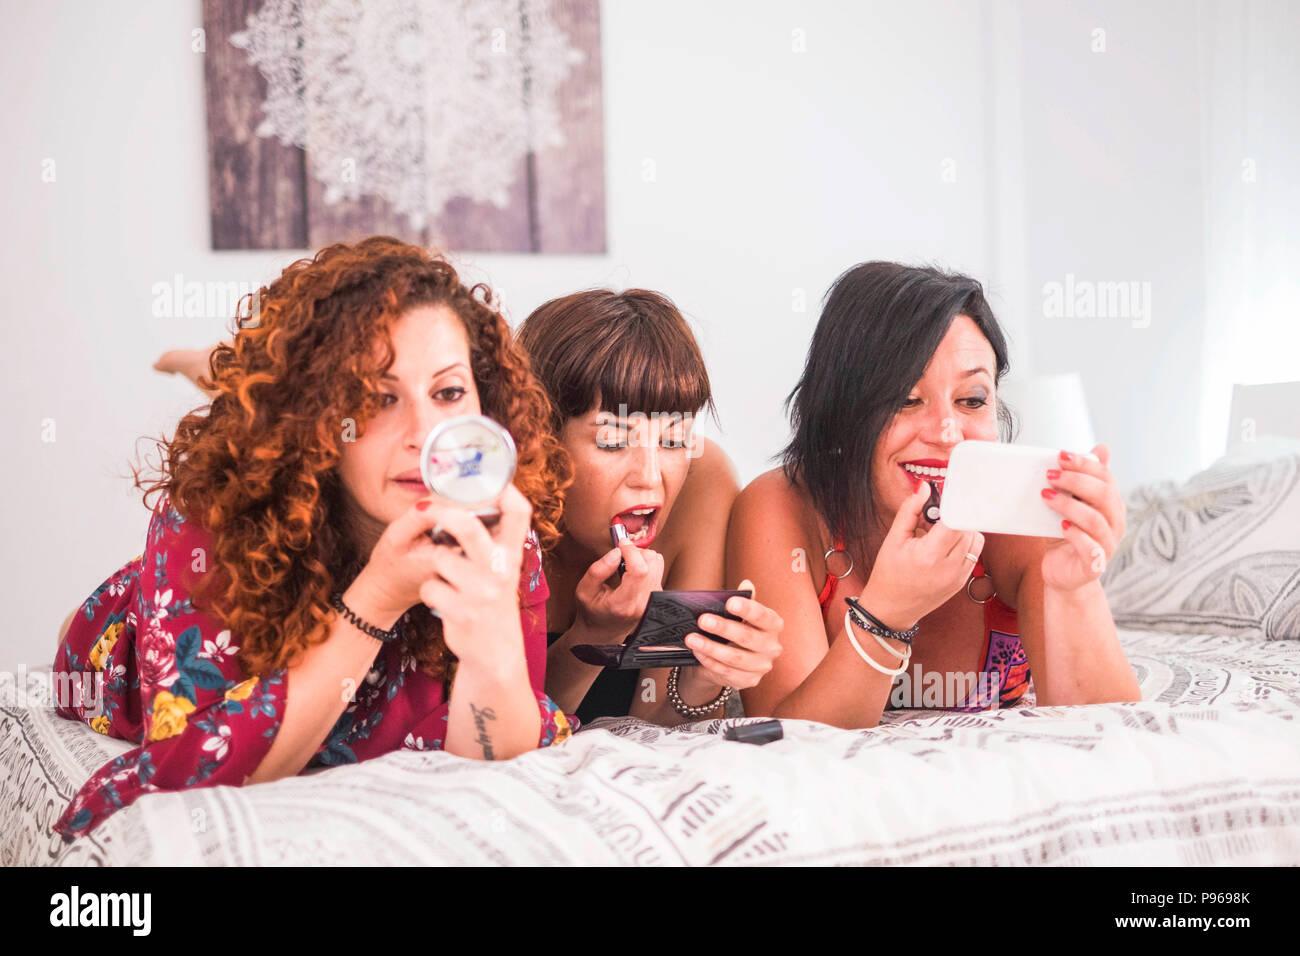 Drei Frauen, die Freunde zu tun zu Hause in Freundschaft legte sich auf das Bett im Schlafzimmer. Machen schön und Schönheit für die jungen kaukasischen Frauen Stockbild